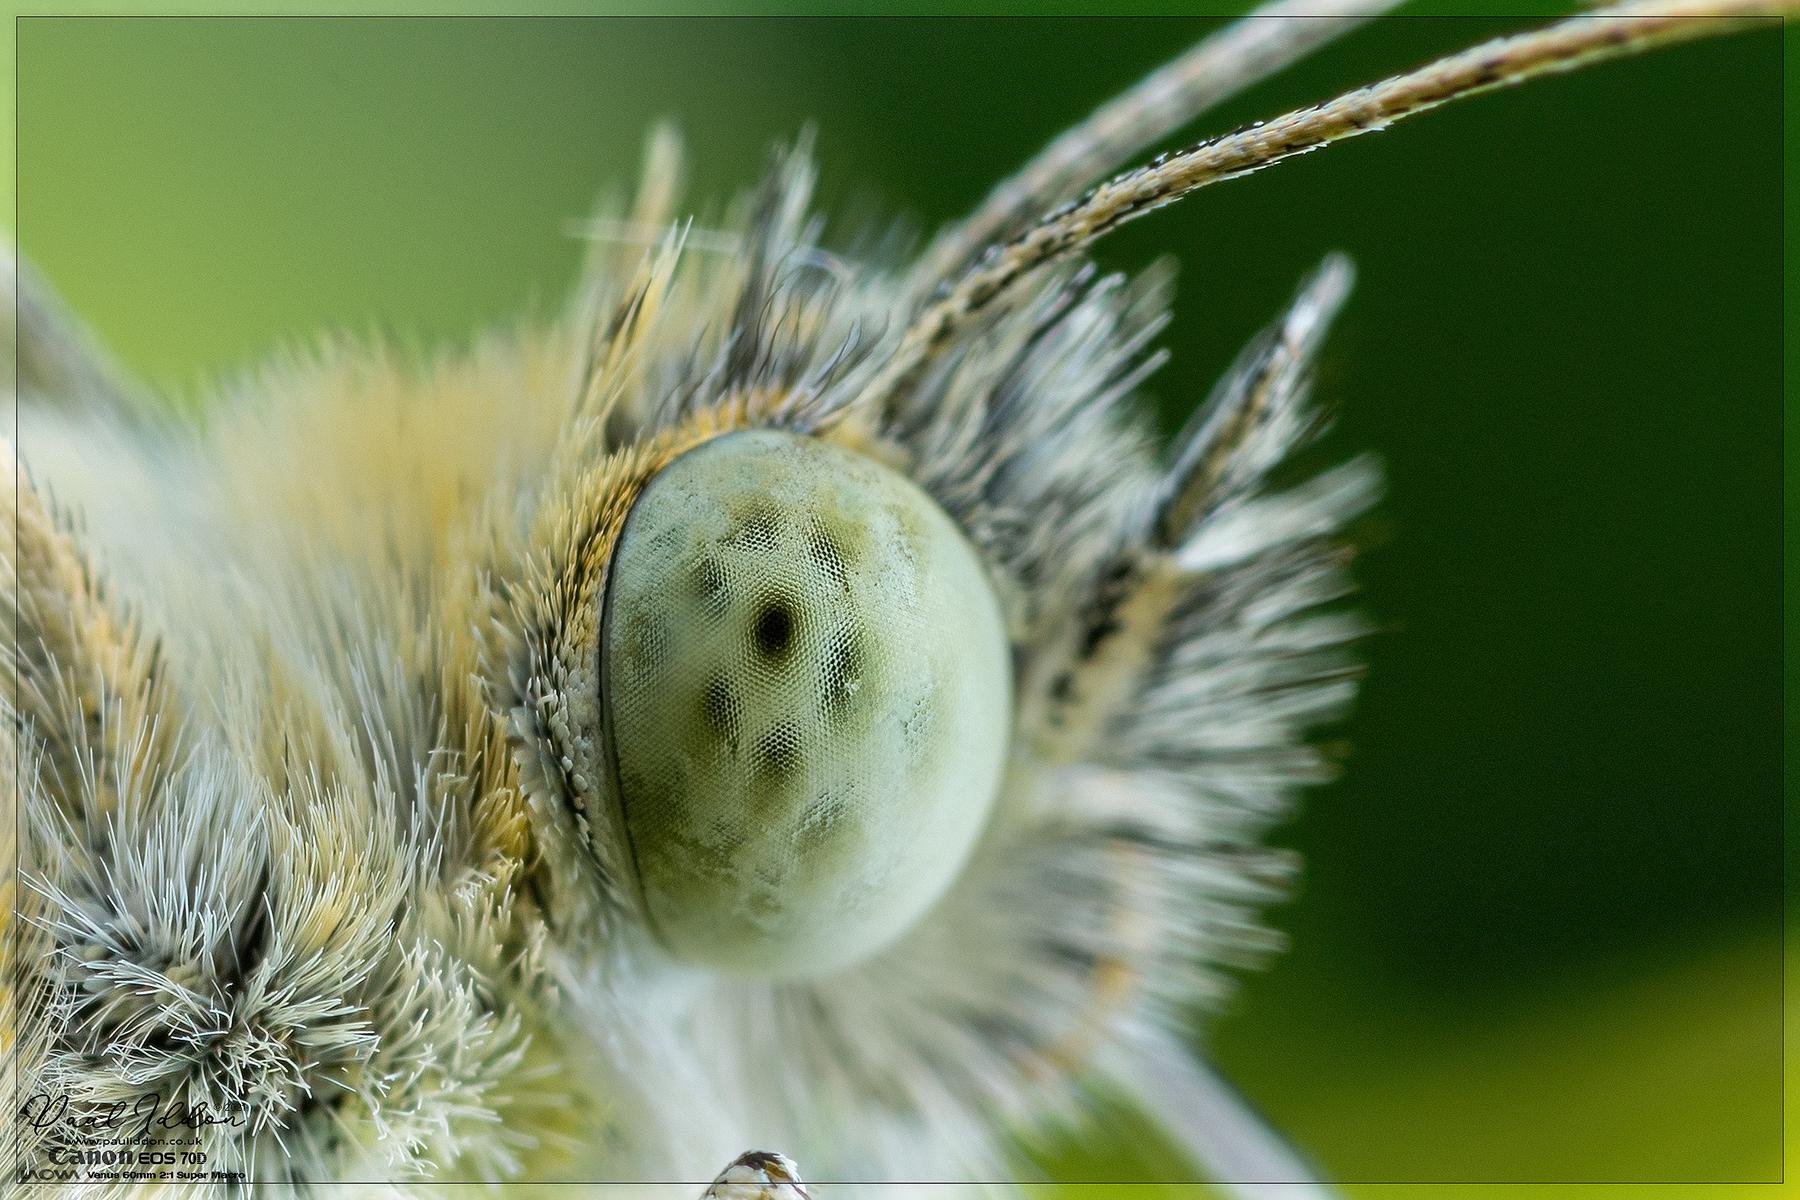 Small white's eye